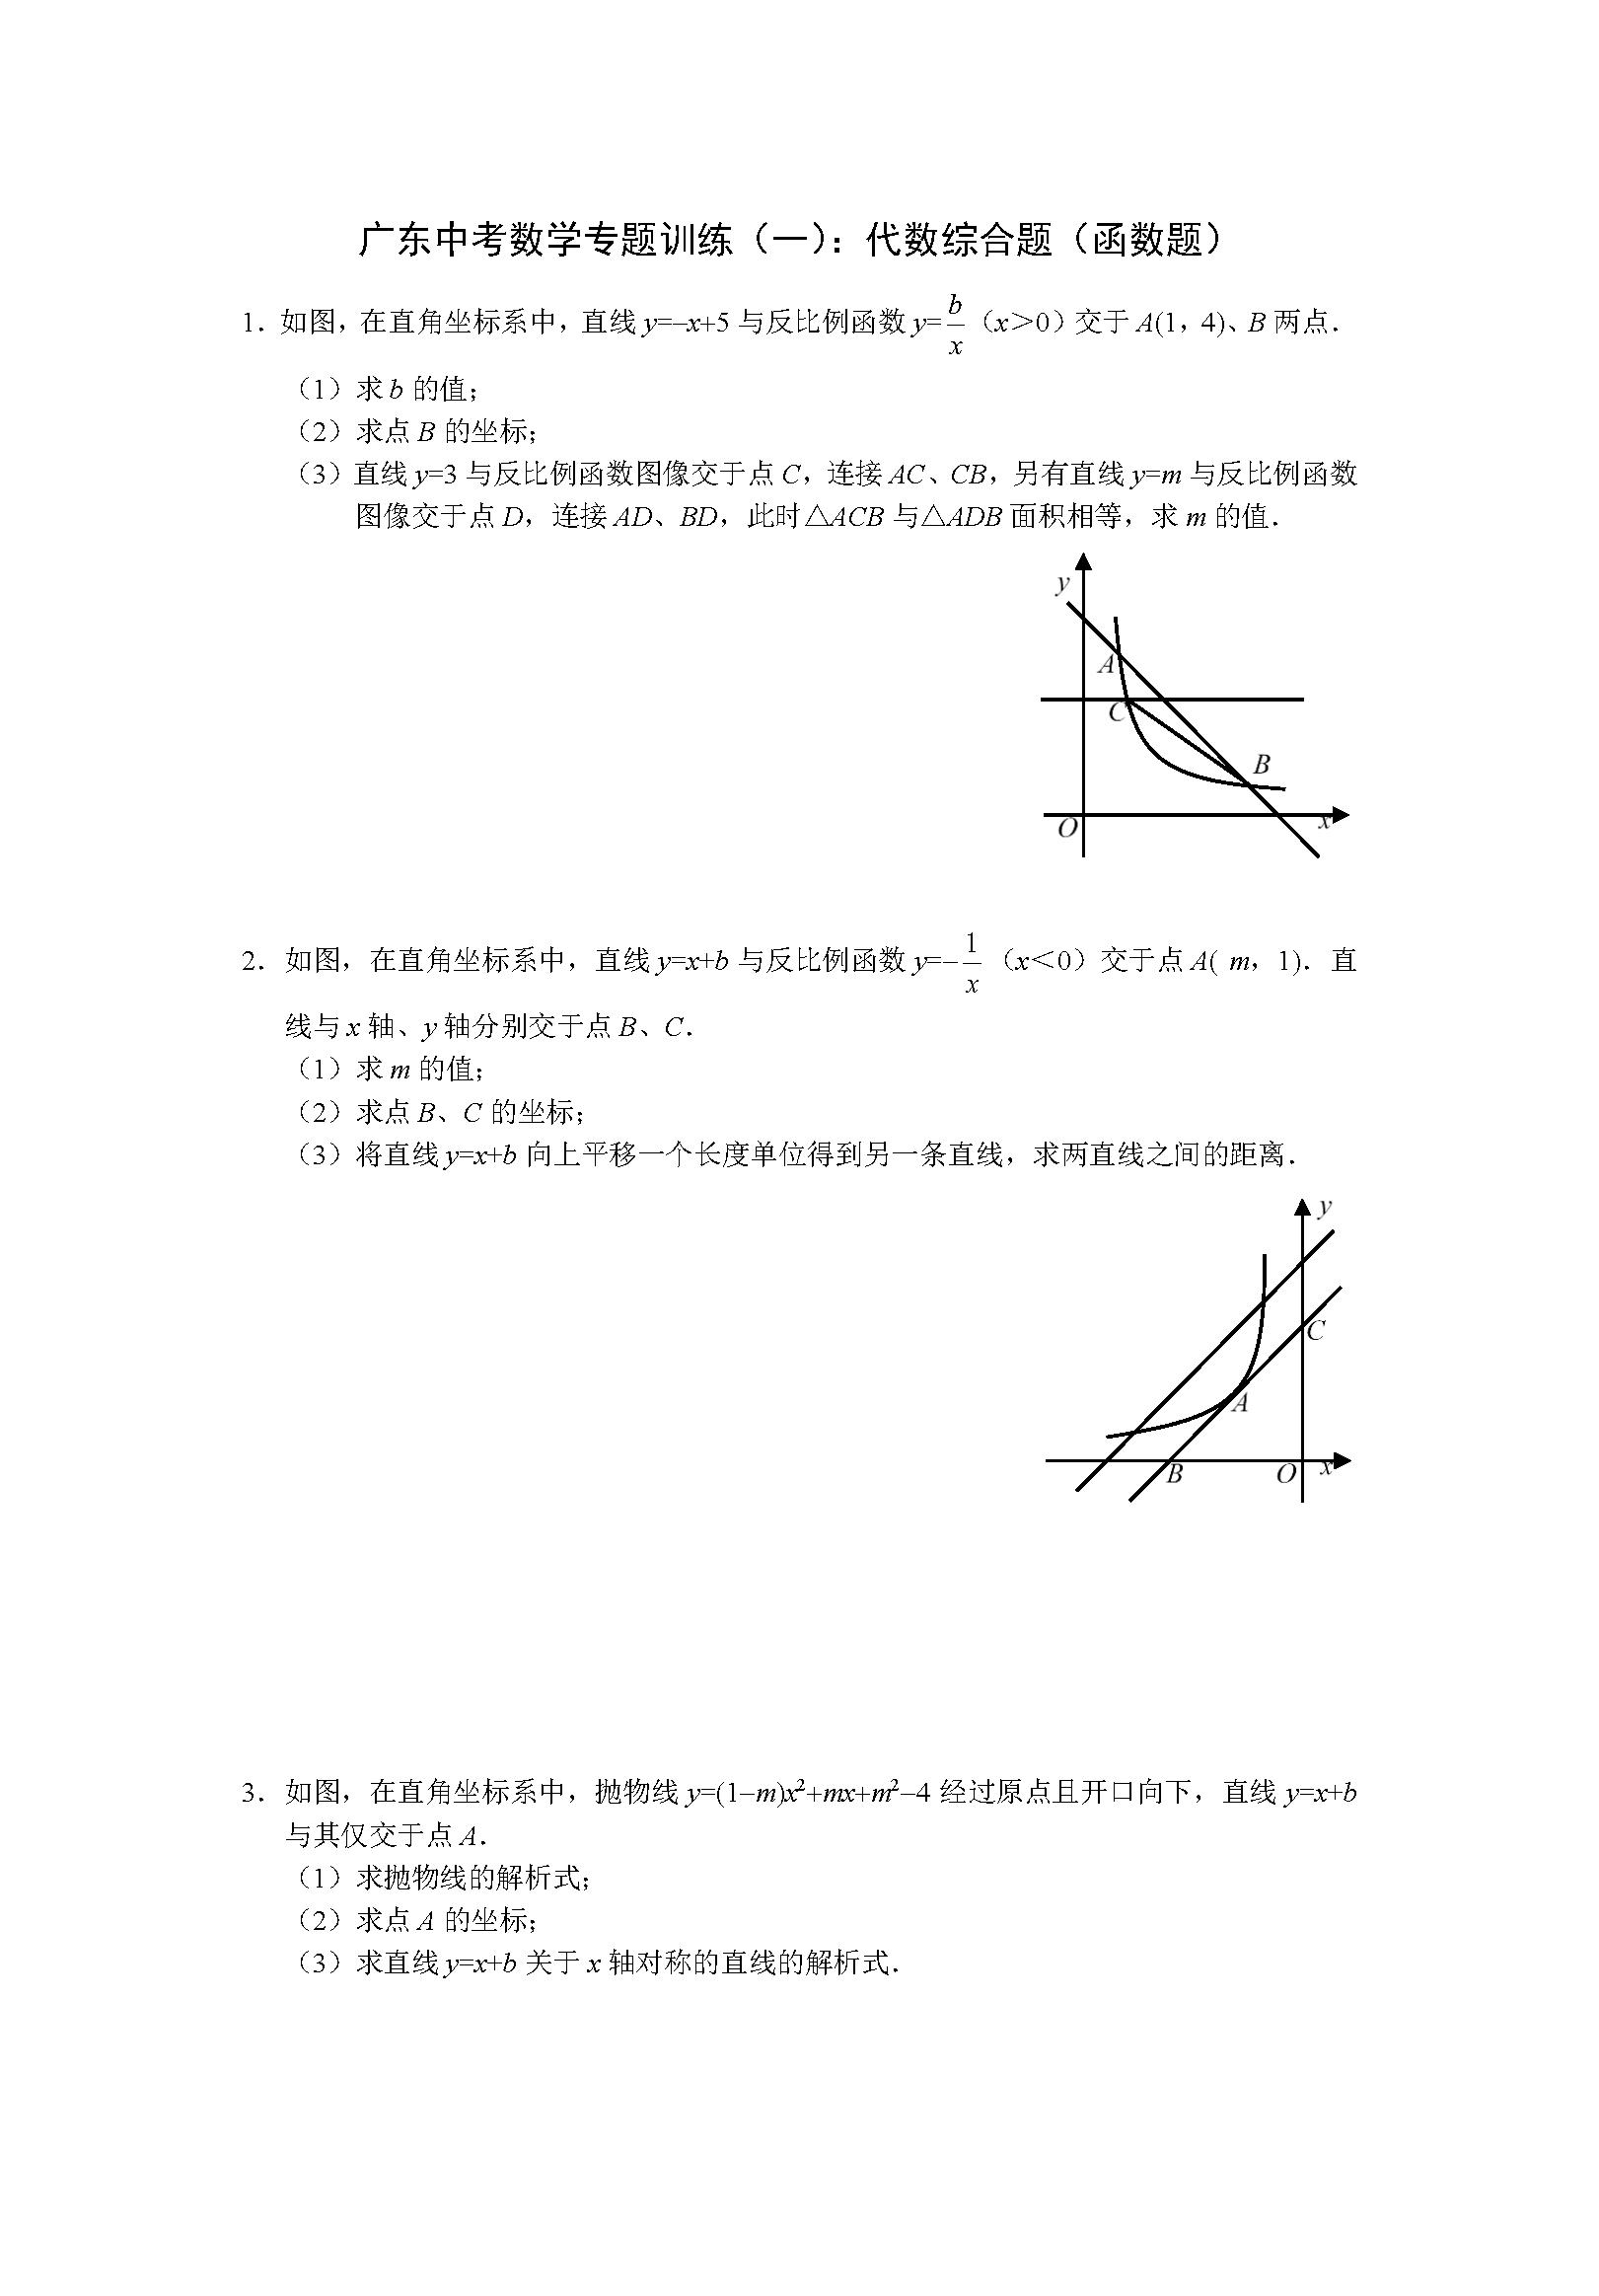 2018广东中考数学压轴训练之函数题(图片版)